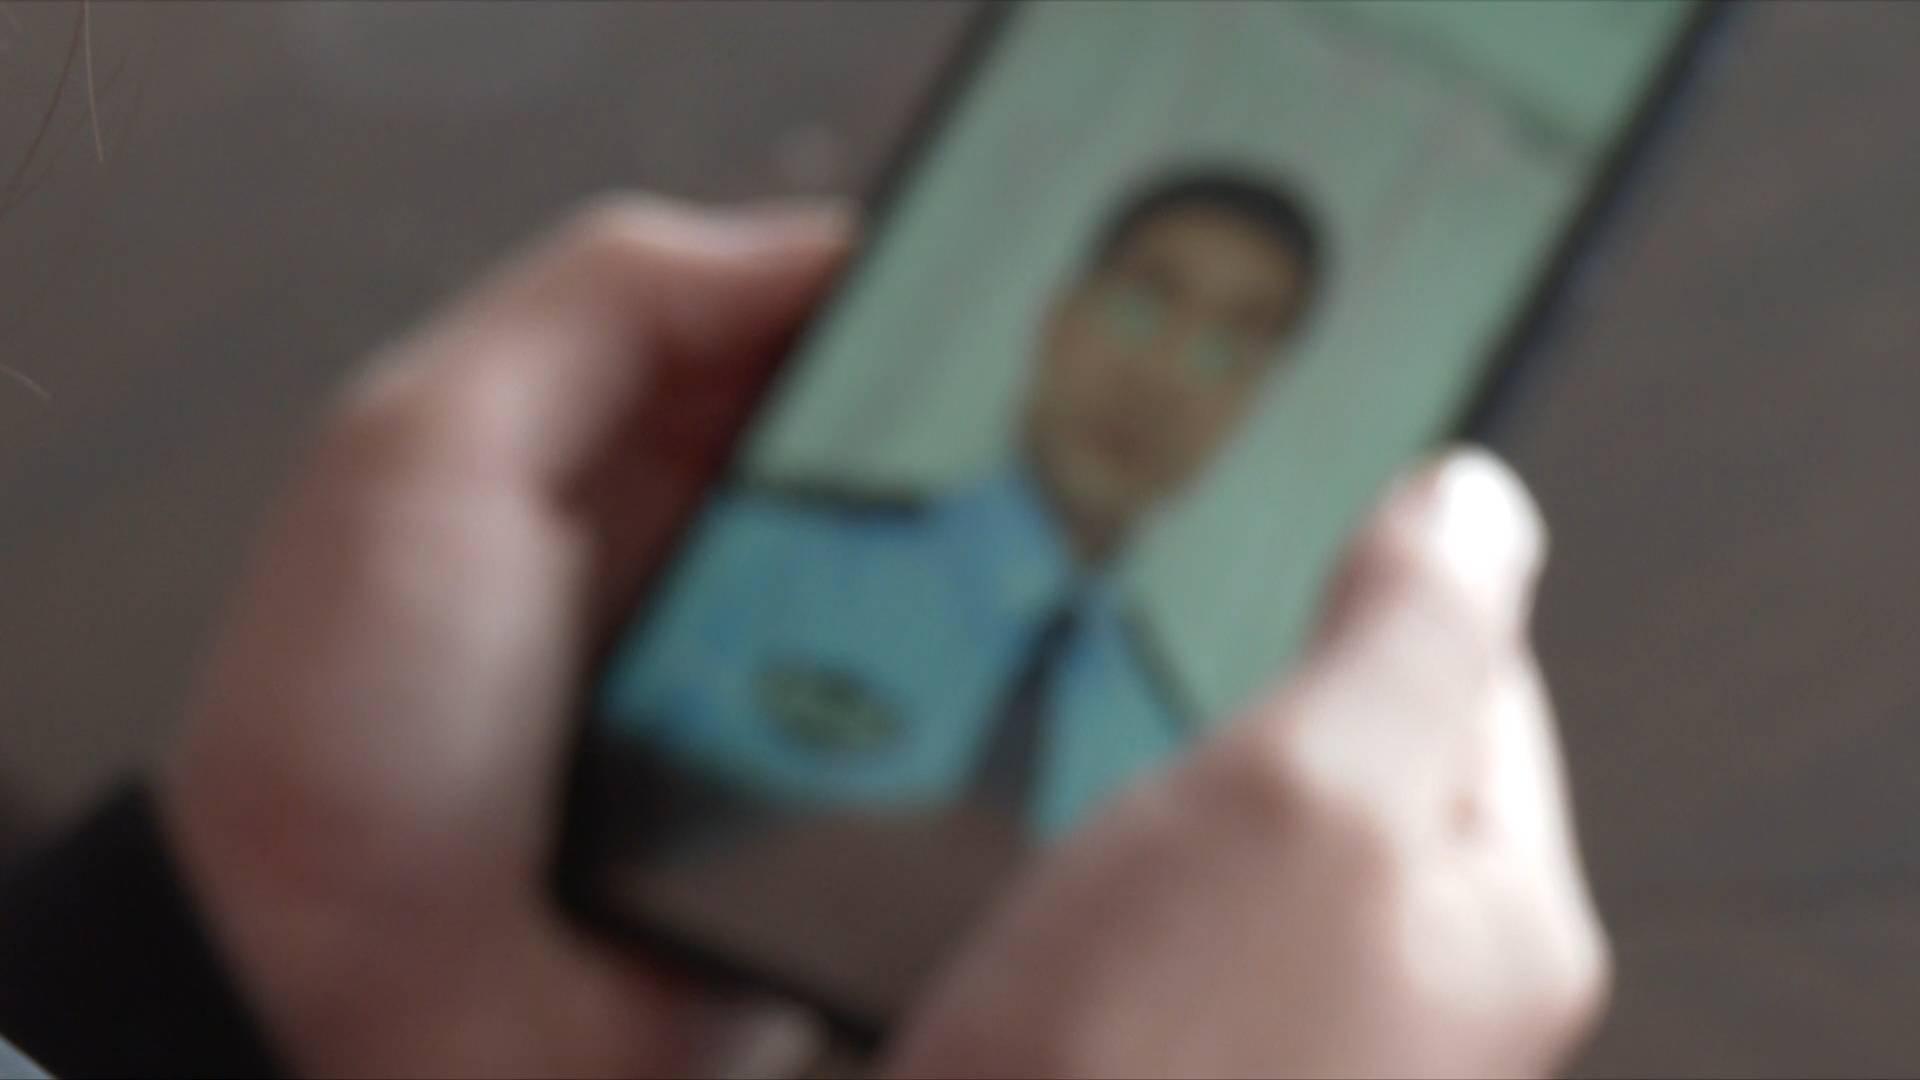 50秒|男子冒充公安局领导 同时交往十几名女性骗财骗色